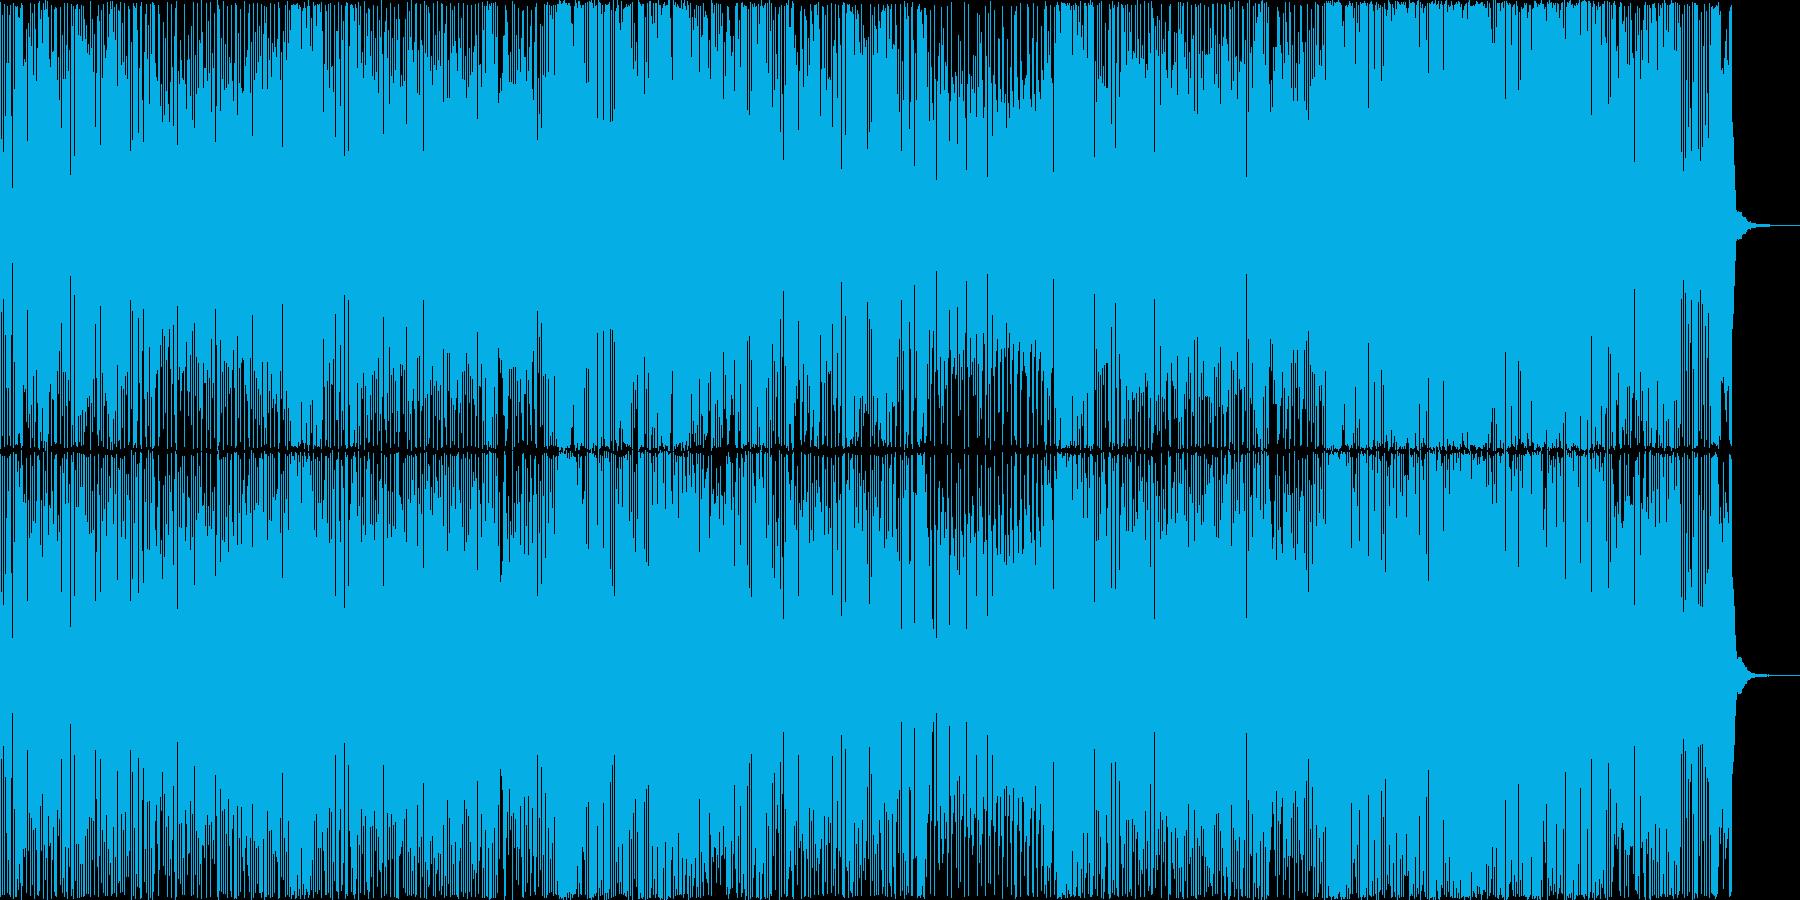 【ベース抜き】気分がハイになるひたすら明の再生済みの波形